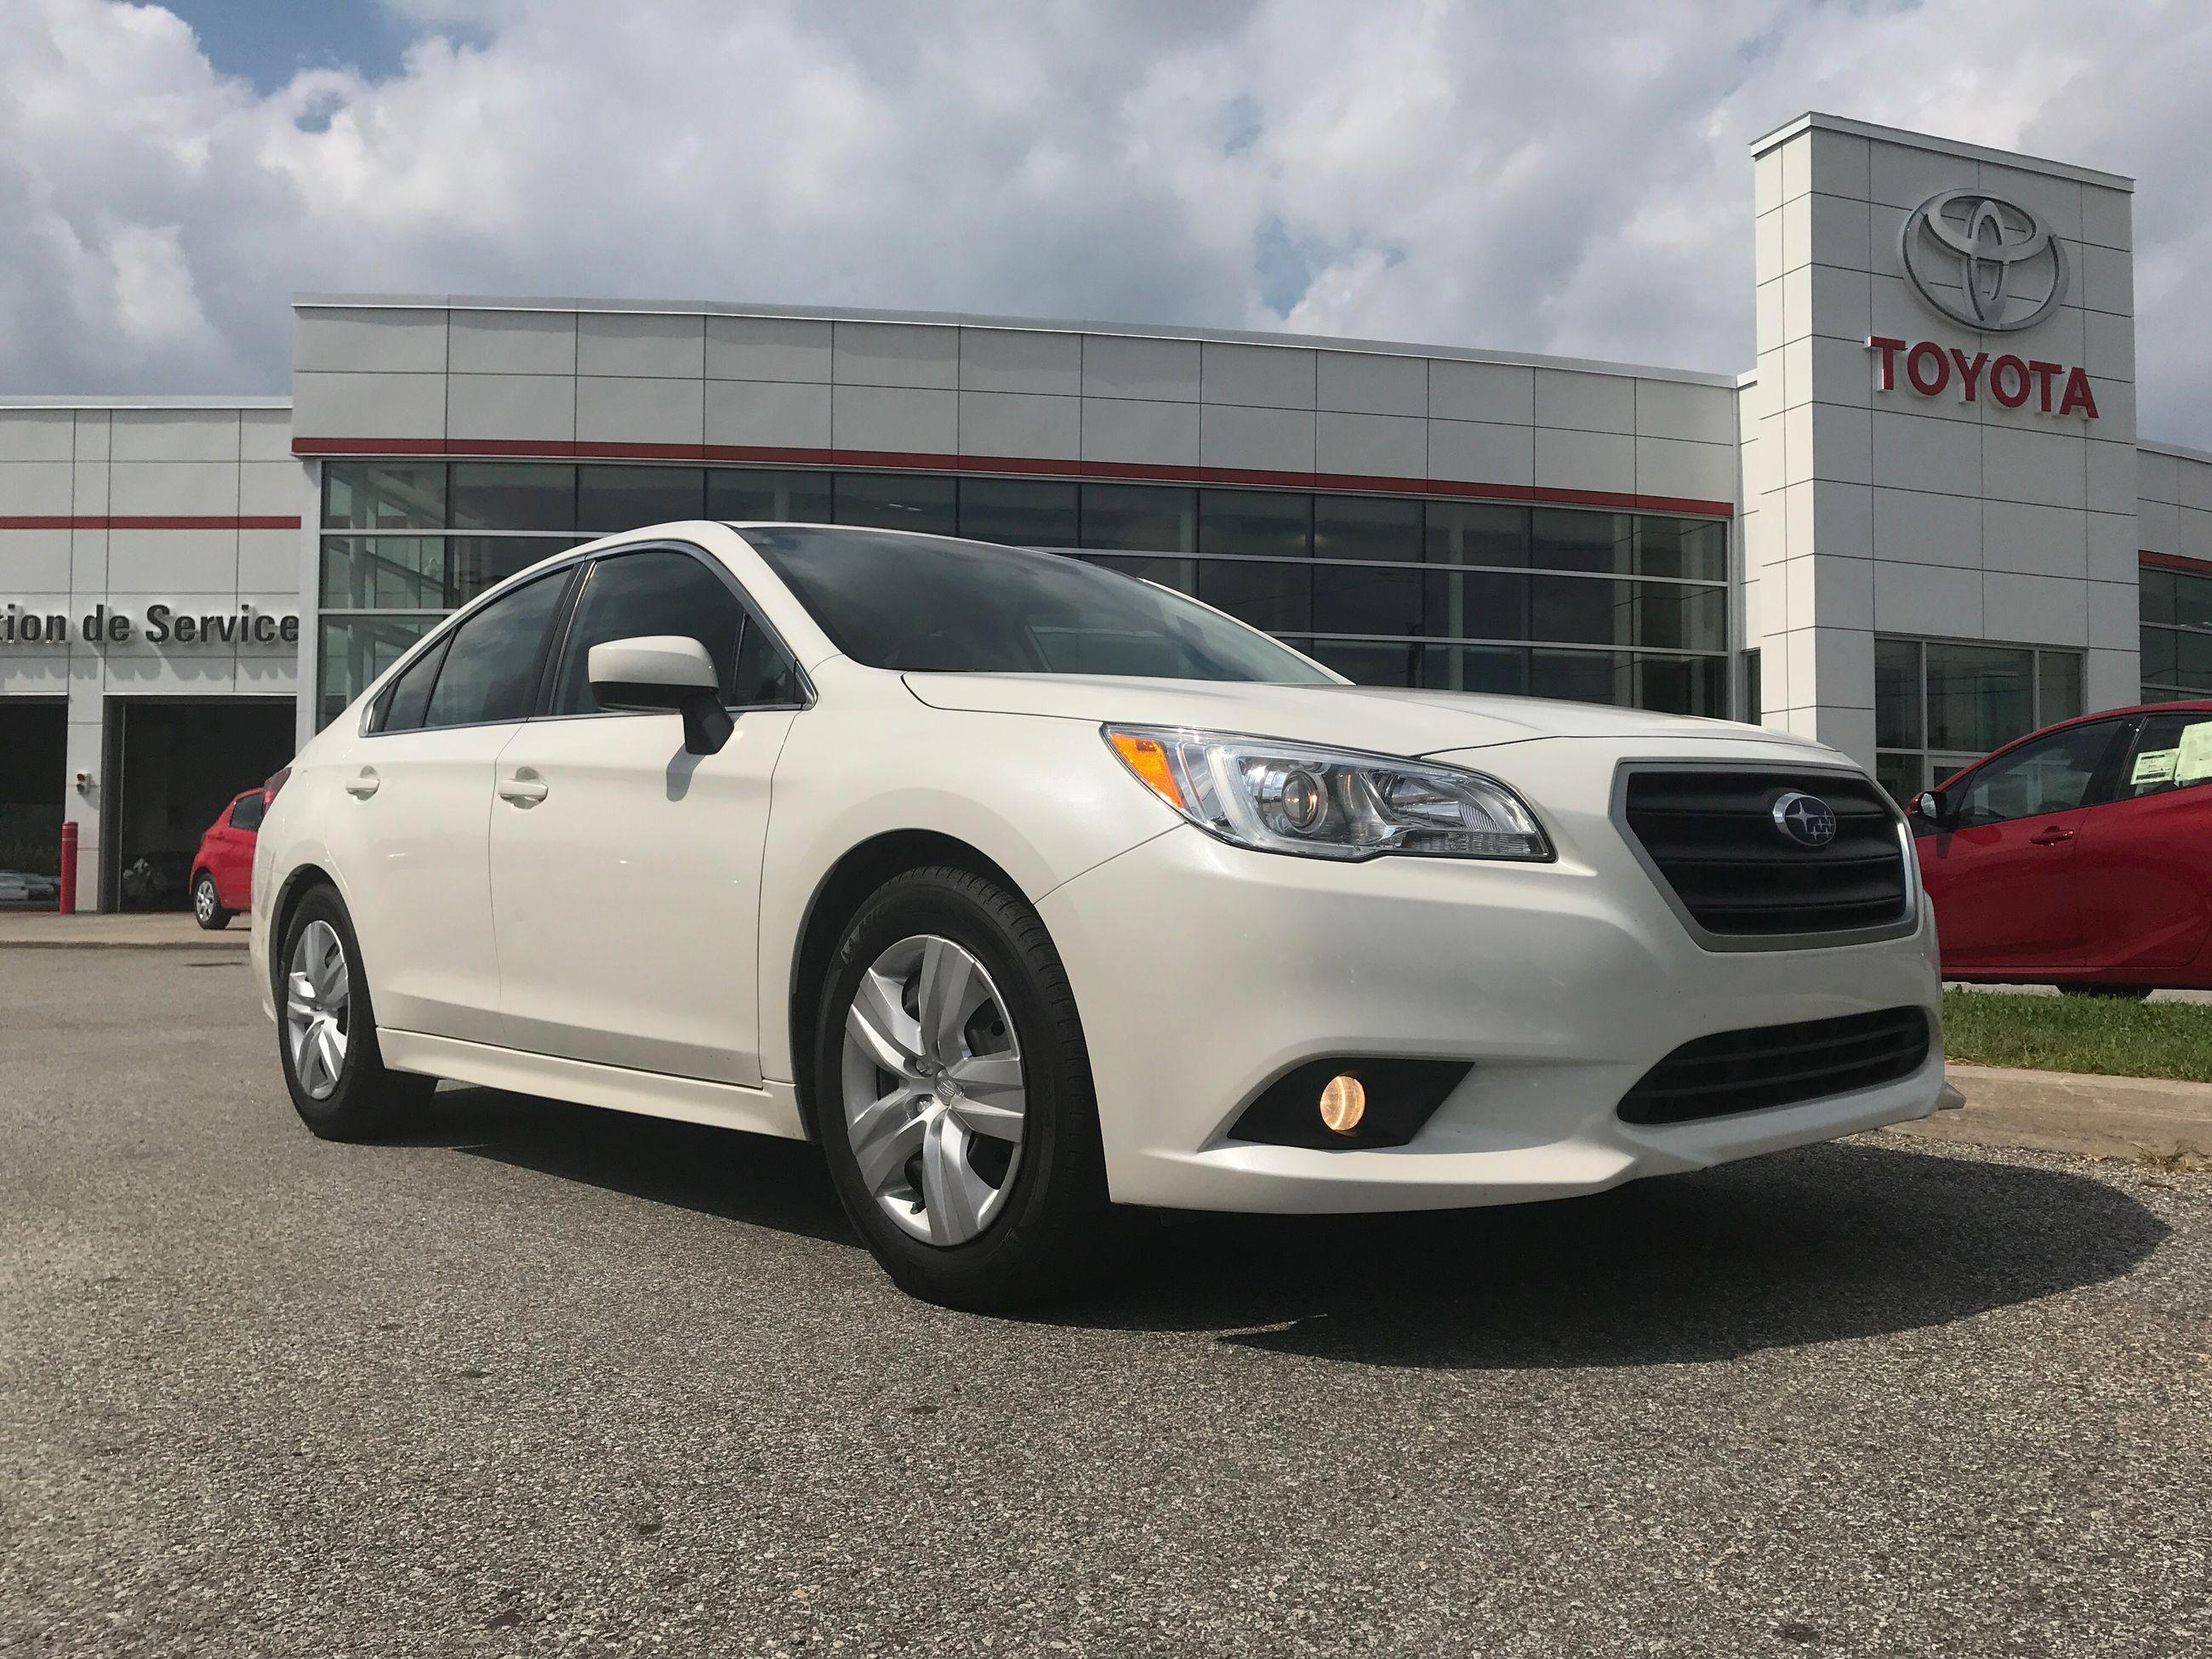 Subaru Legacy: Temporary spare tire